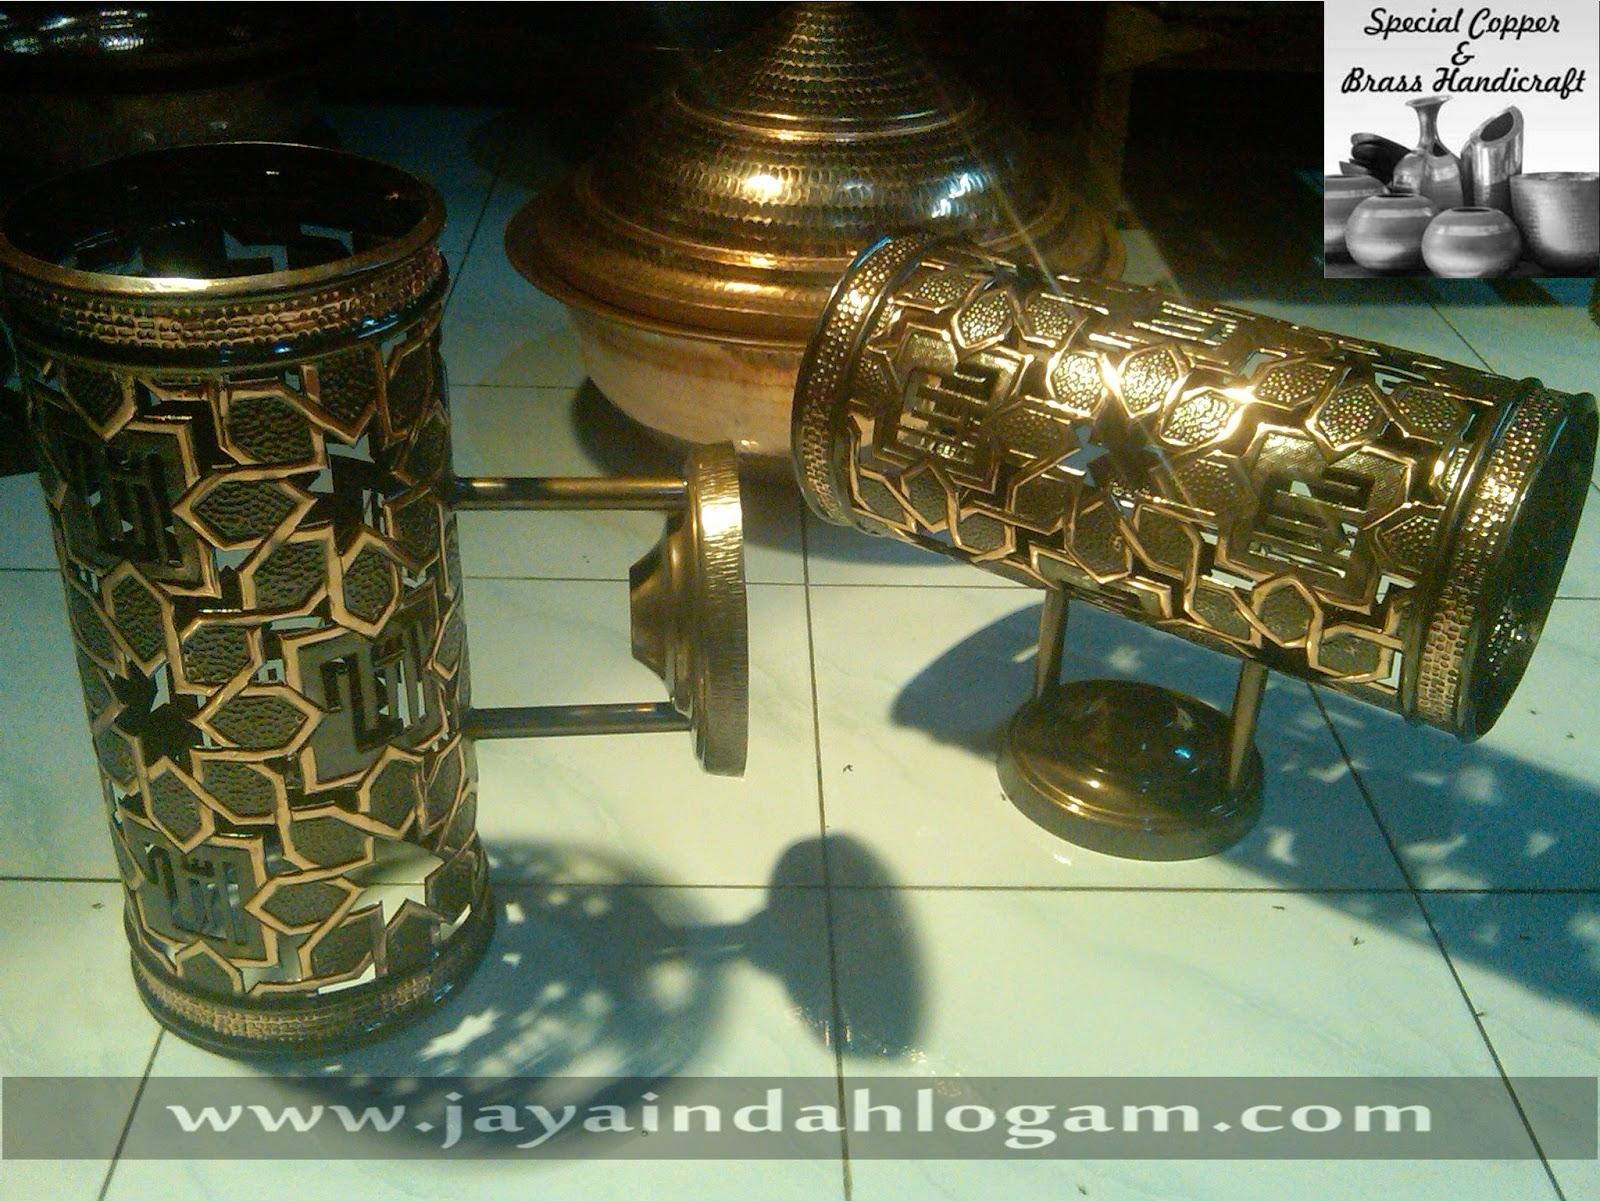 http://www.jayaindahlogam.com/2014/08/kerajinan-tembaga-dan-kuningan_10.html